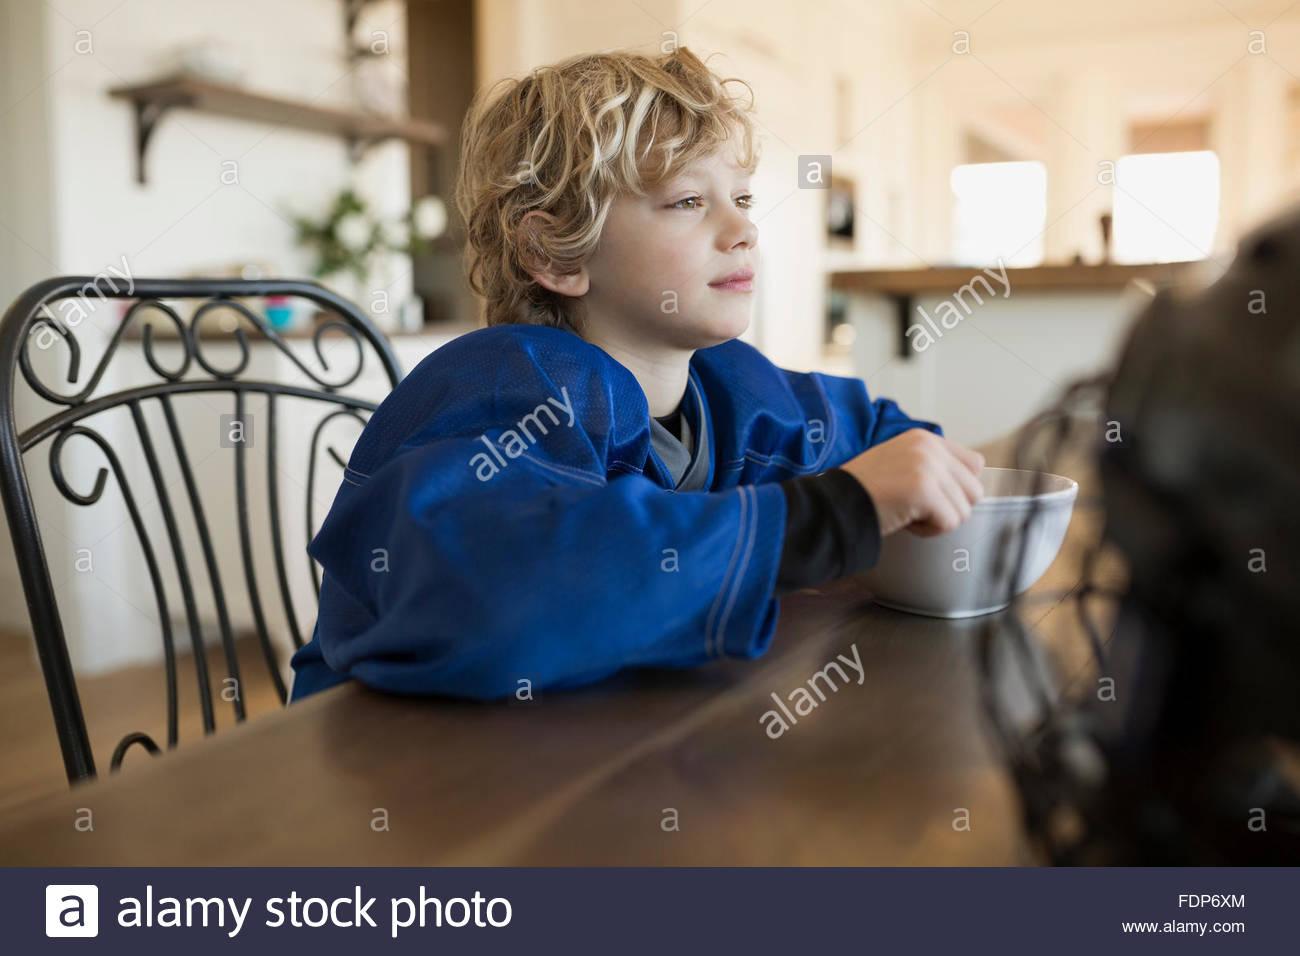 Pensativo boy comiendo cereal en la mesa Imagen De Stock